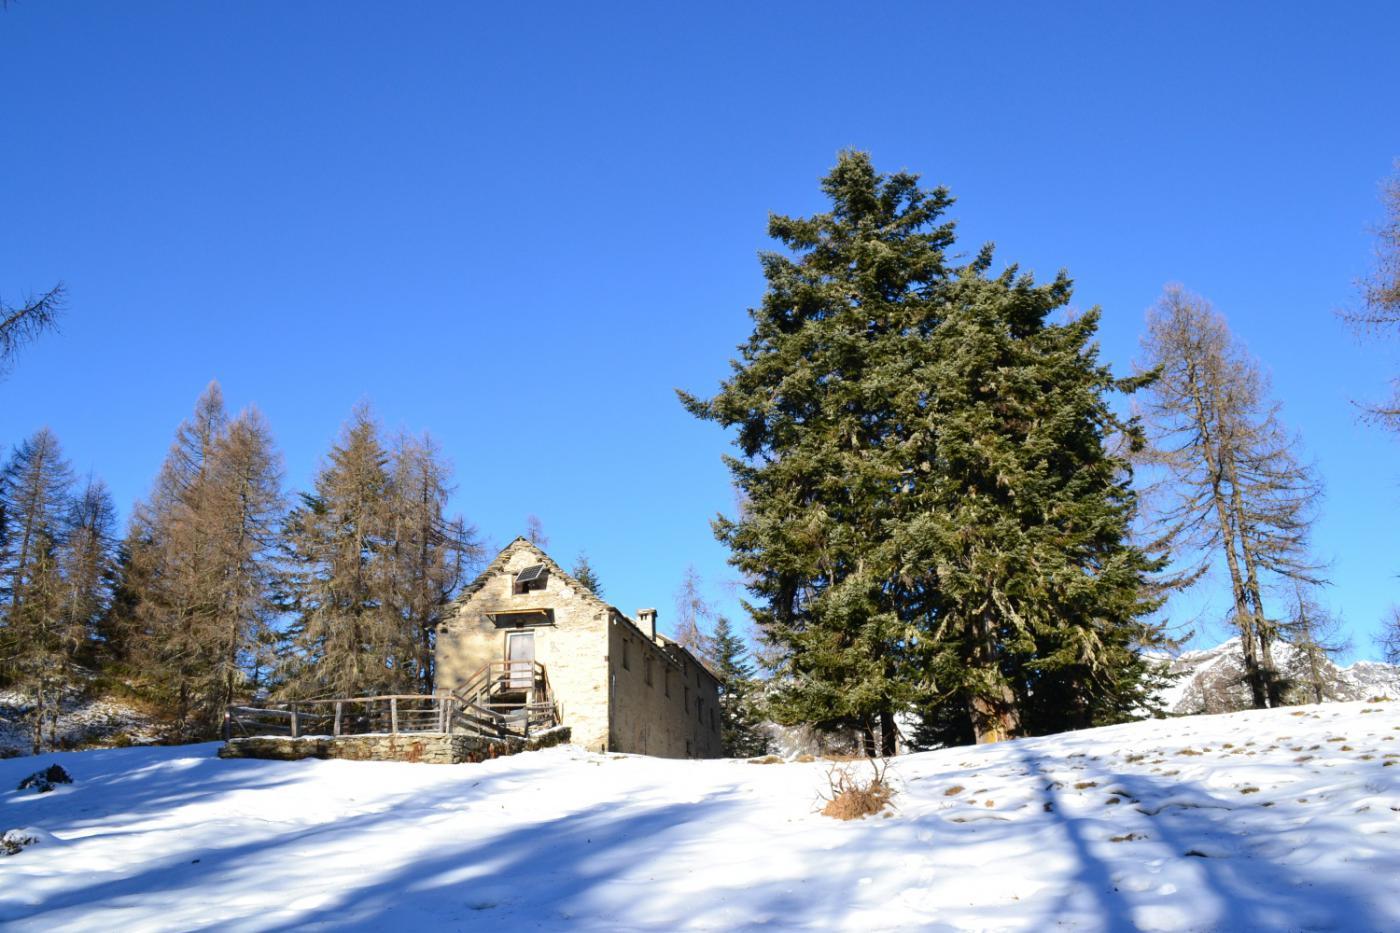 Villa Samonini (1638 m)